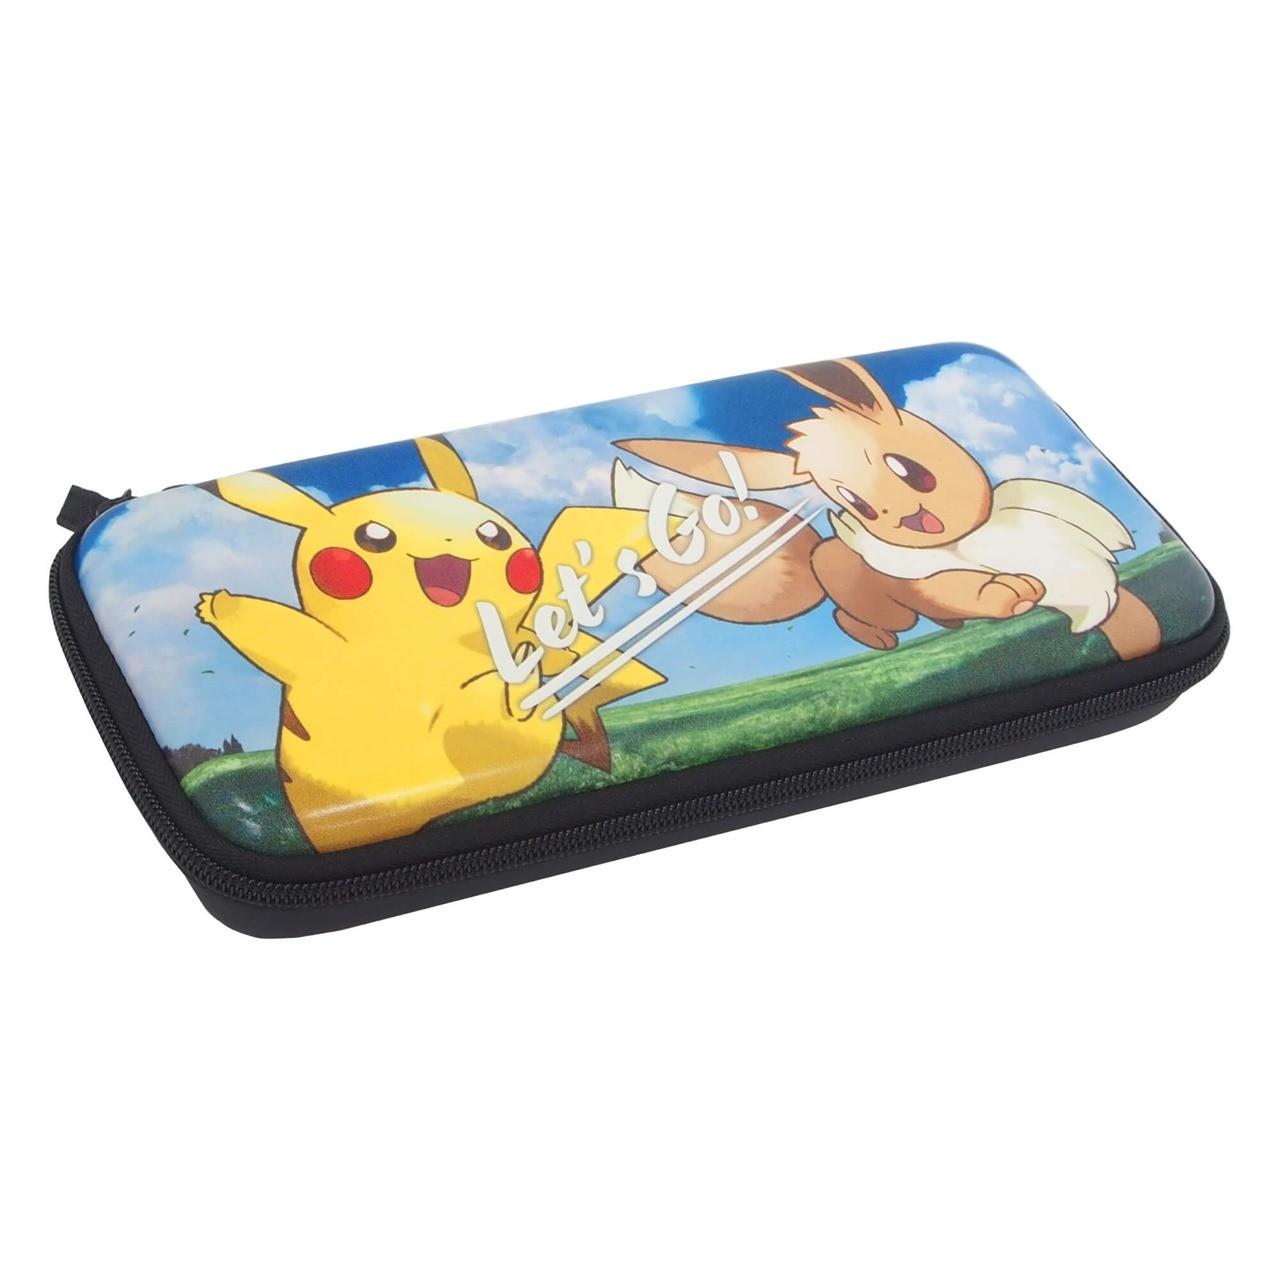 Foto de Pokémon: Let's GO - Accesorios Poké Ball Plus (8/10)